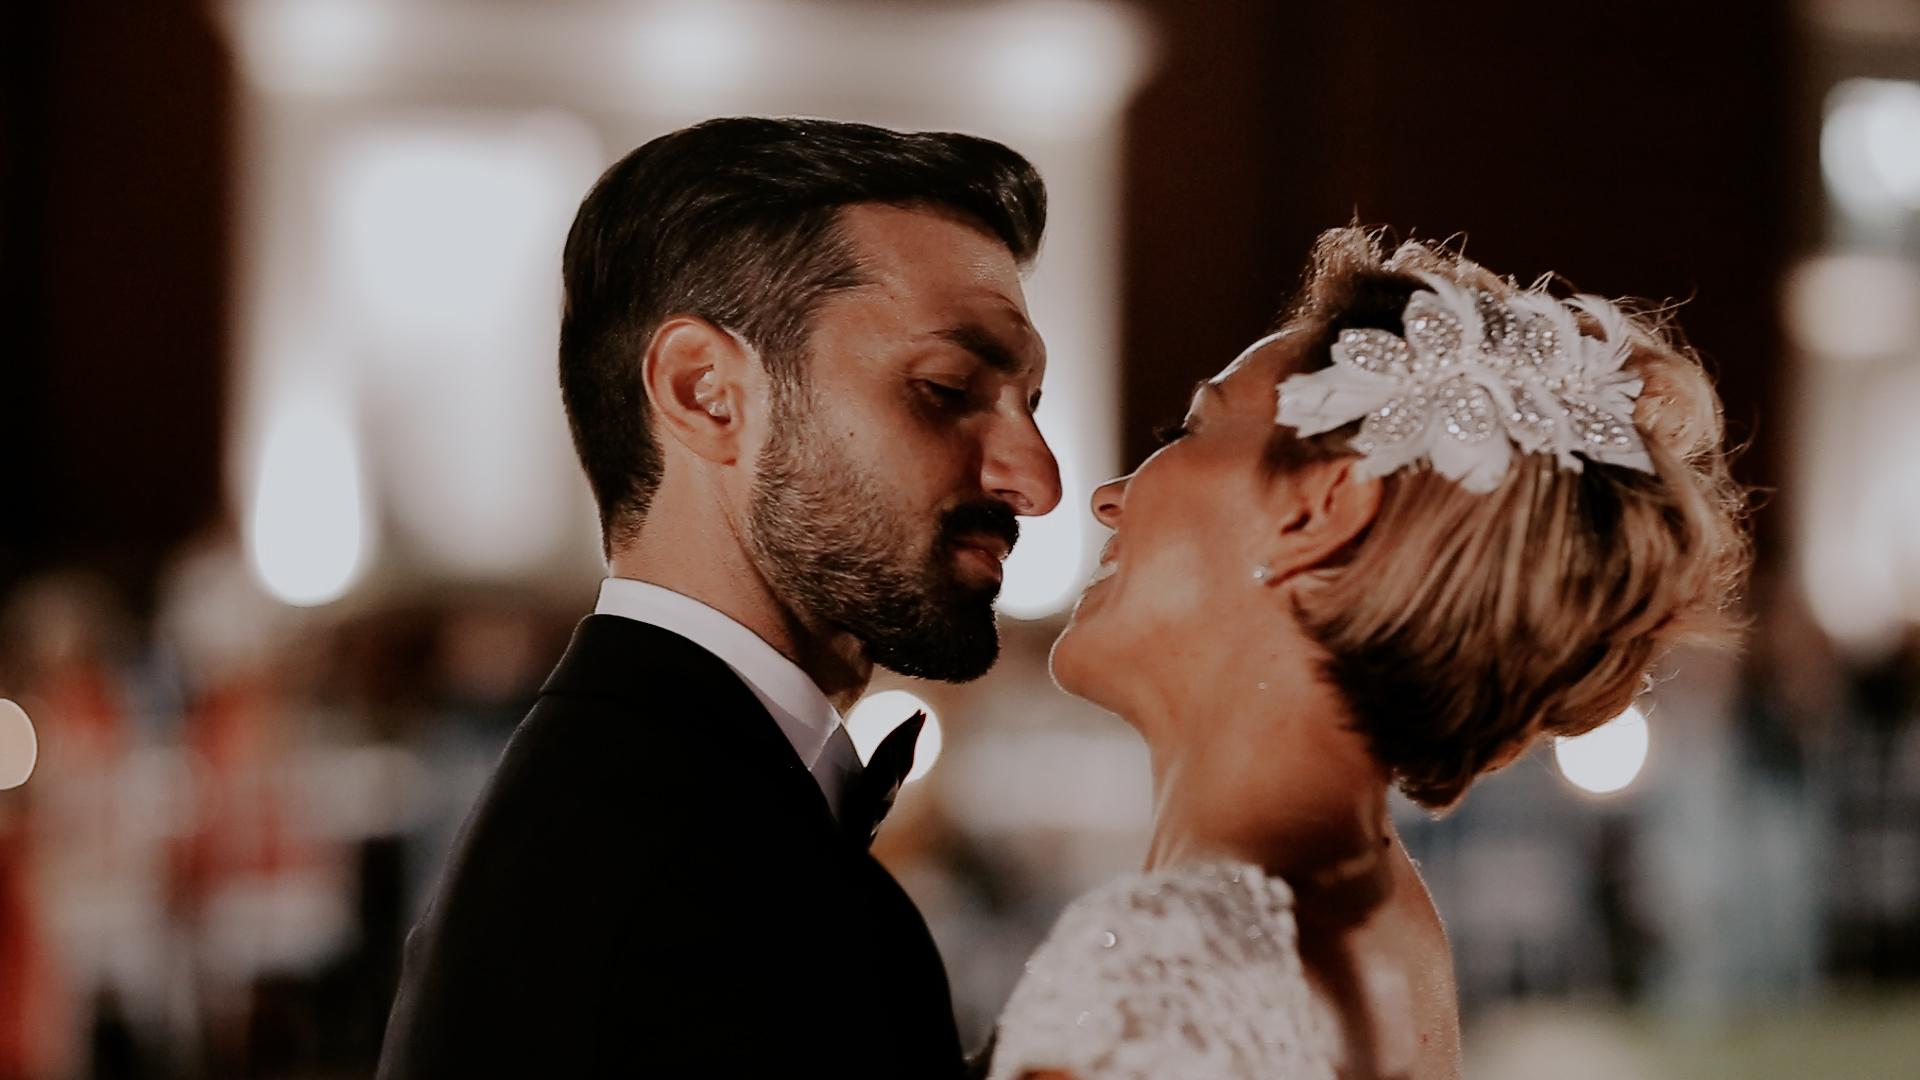 FEDE1621.00_03_13_10.Immagine007 Apulian Wedding